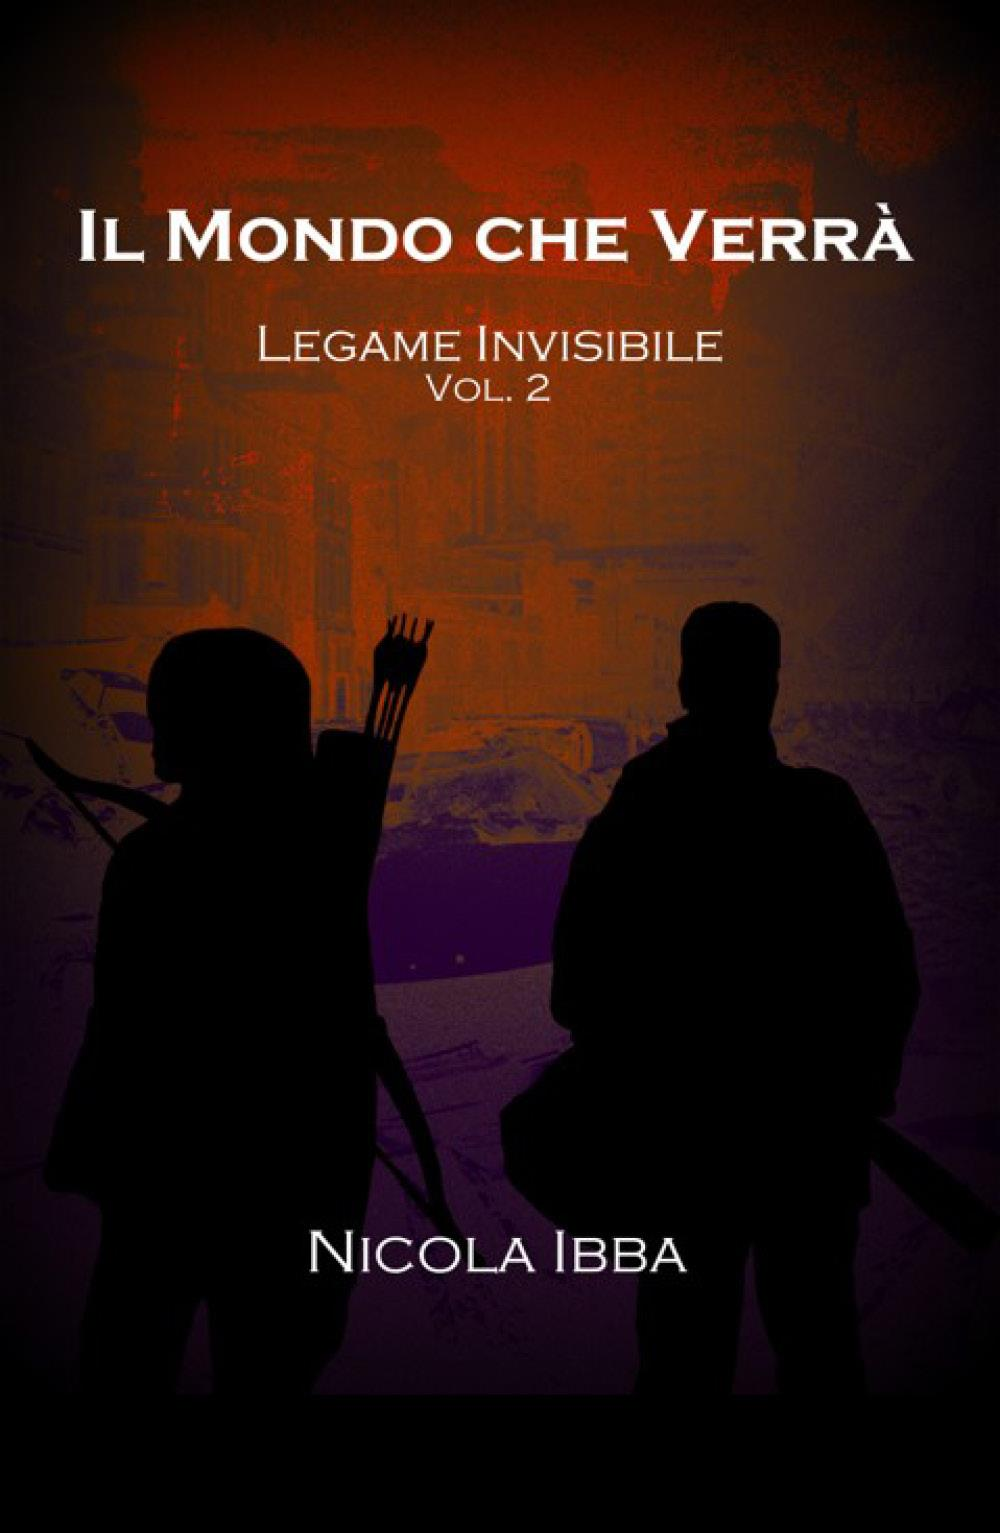 Il Mondo che Verrà - Legame Invisibile Vol. 2